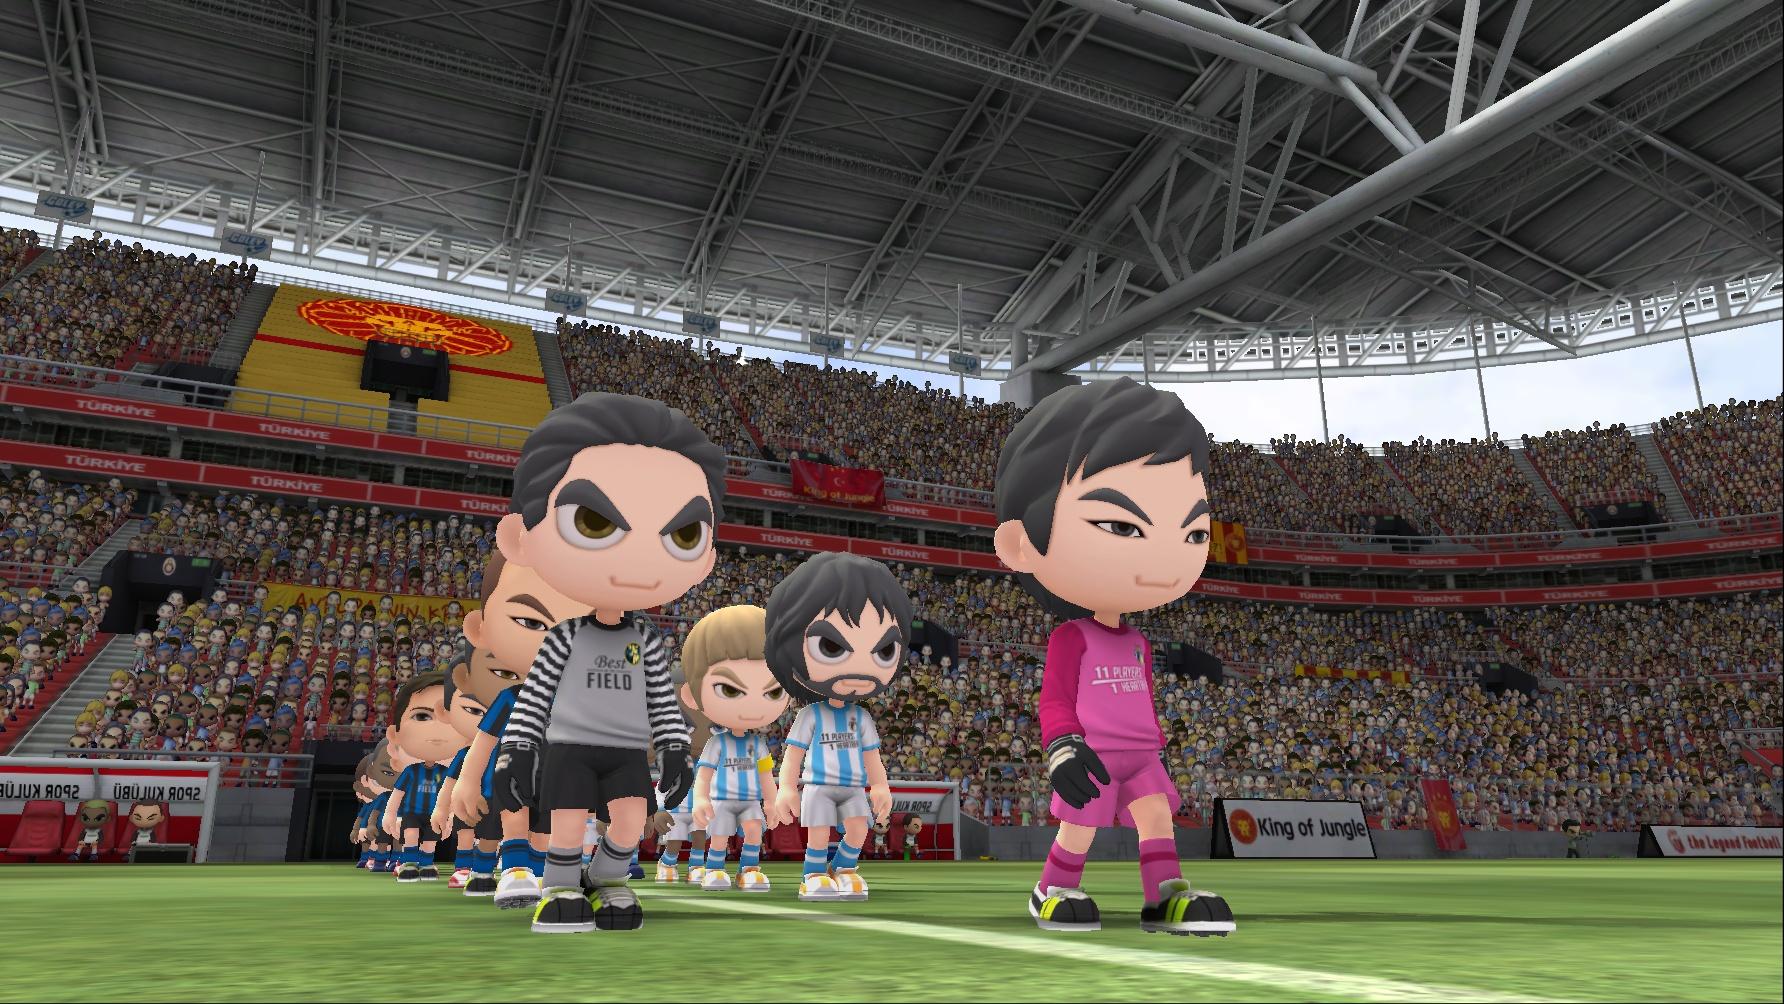 افضل العاب كرة القدم Goly 2fyx.jpg